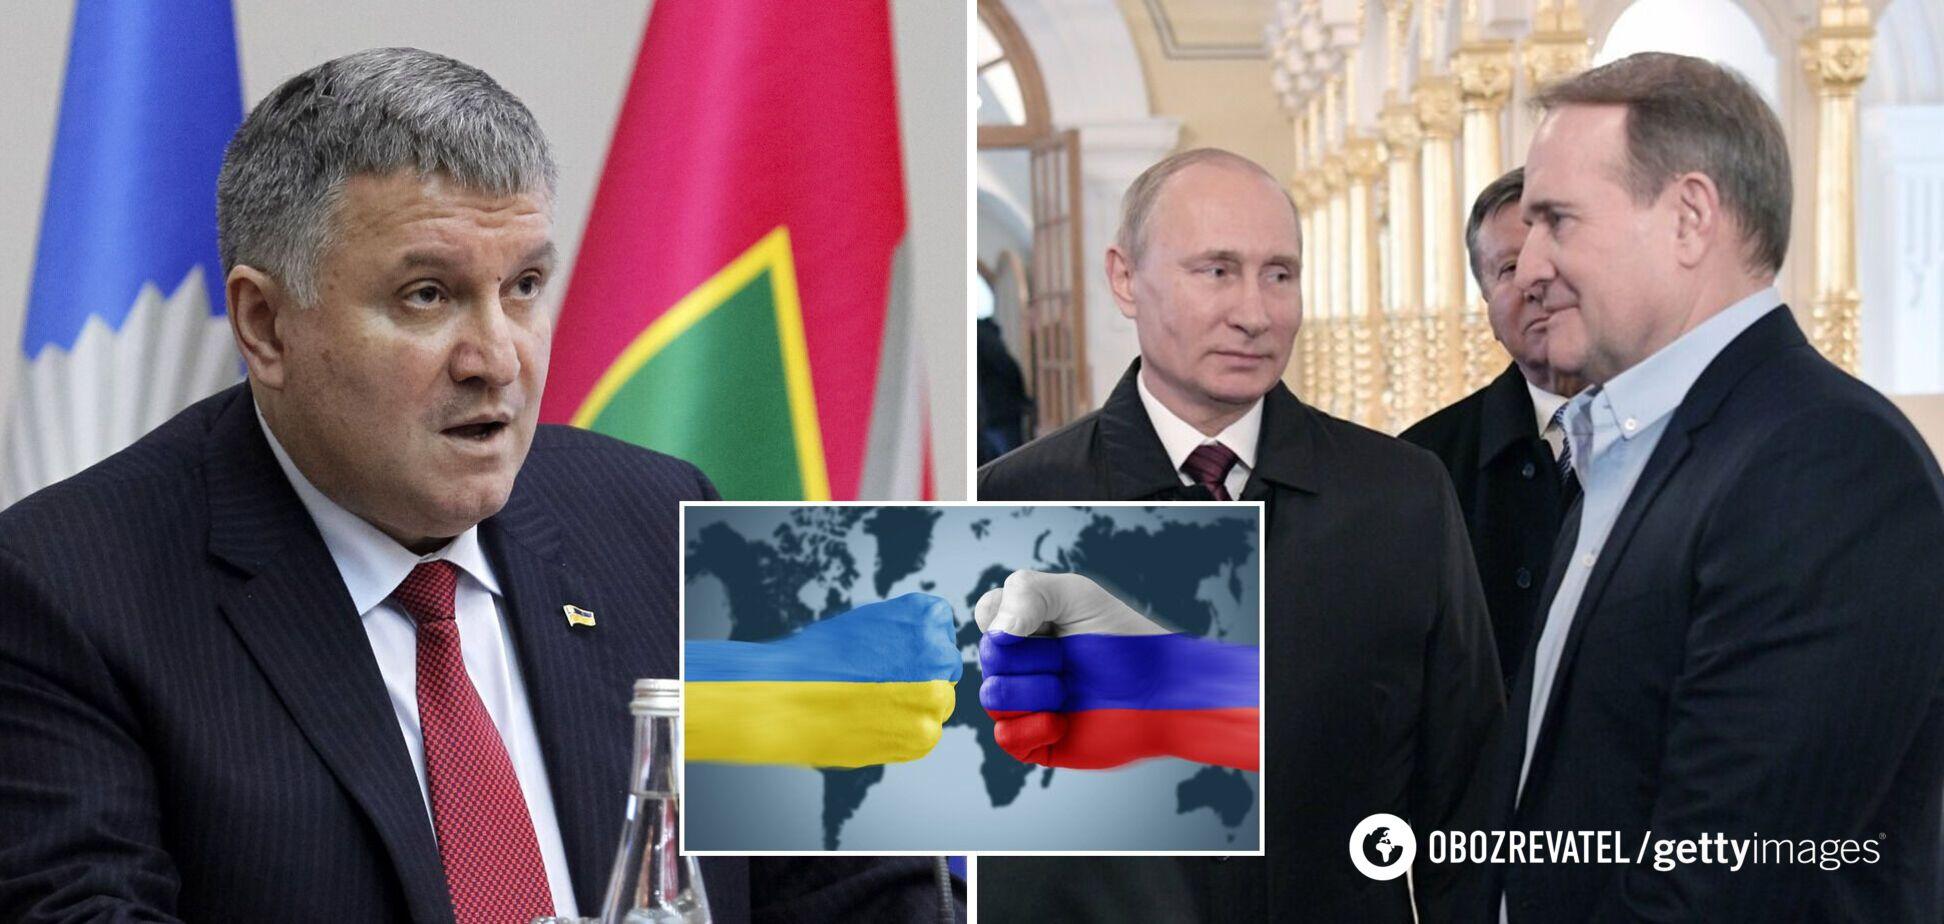 Аваков предупредил, как Россия может ответить на санкции против Медведчука